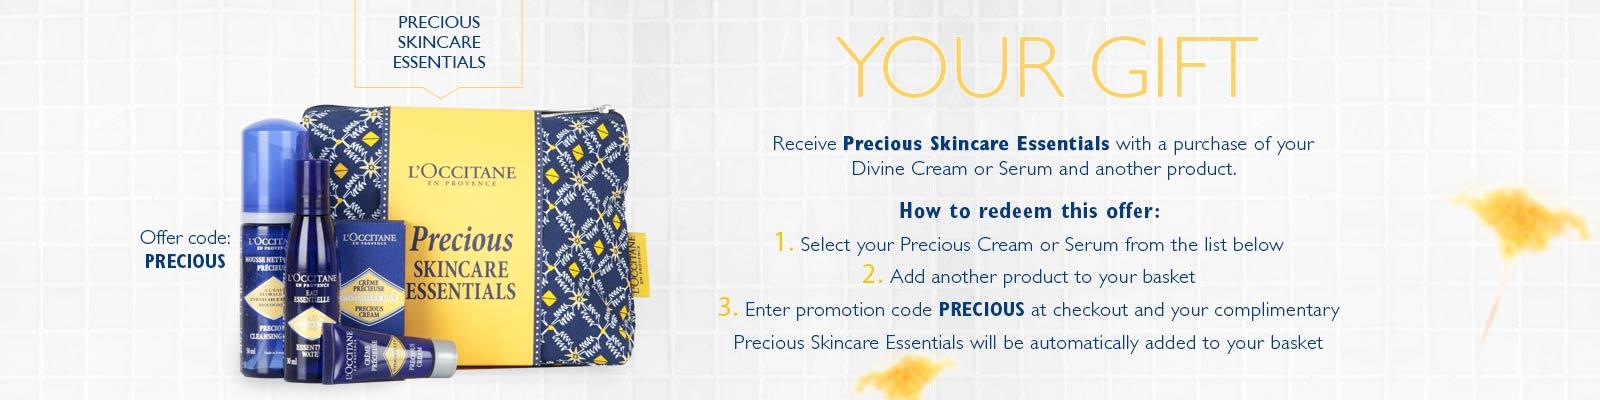 Precious Skincare Essentials